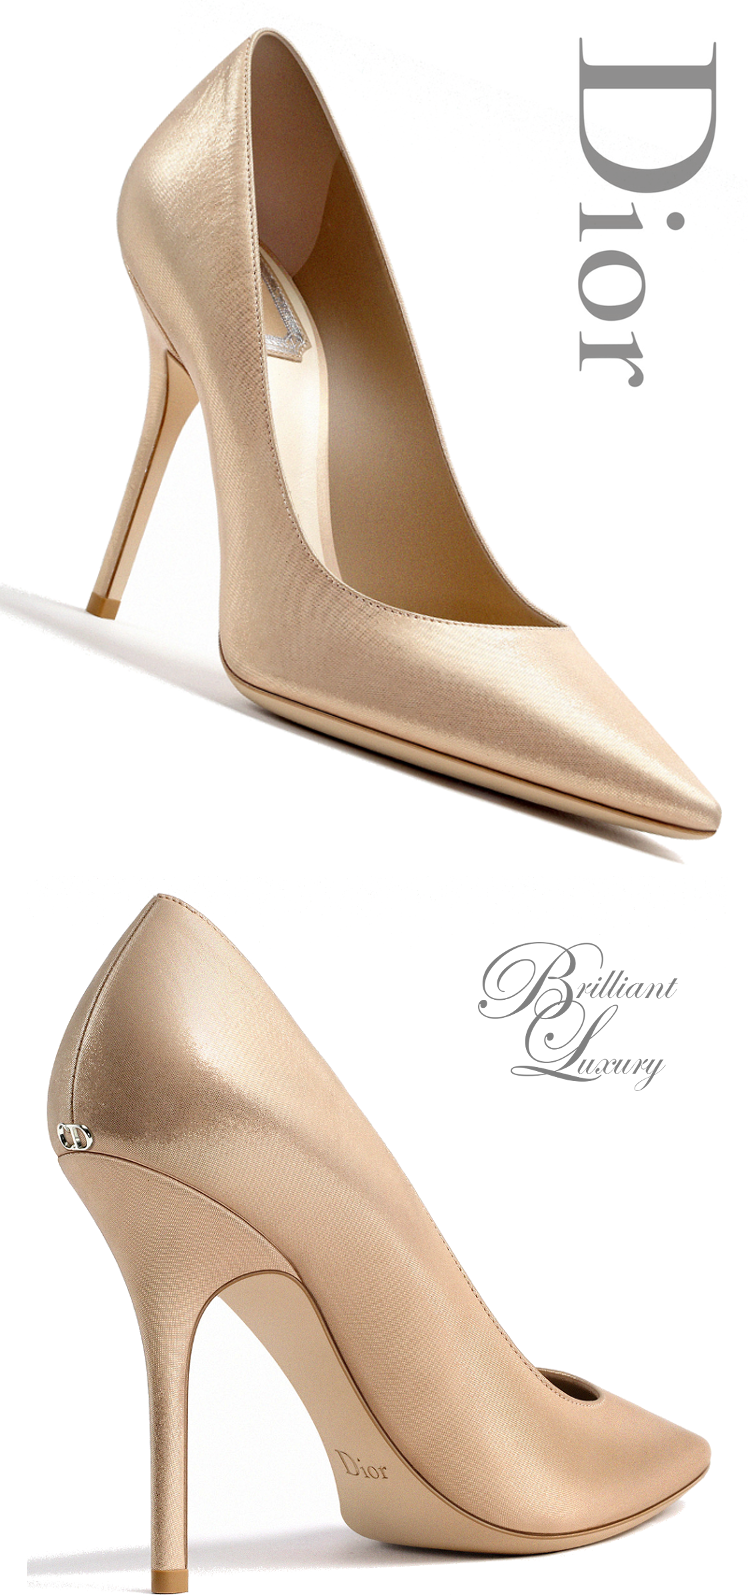 Brilliant Luxury: ♦Dior High Heels Fall 2015-16